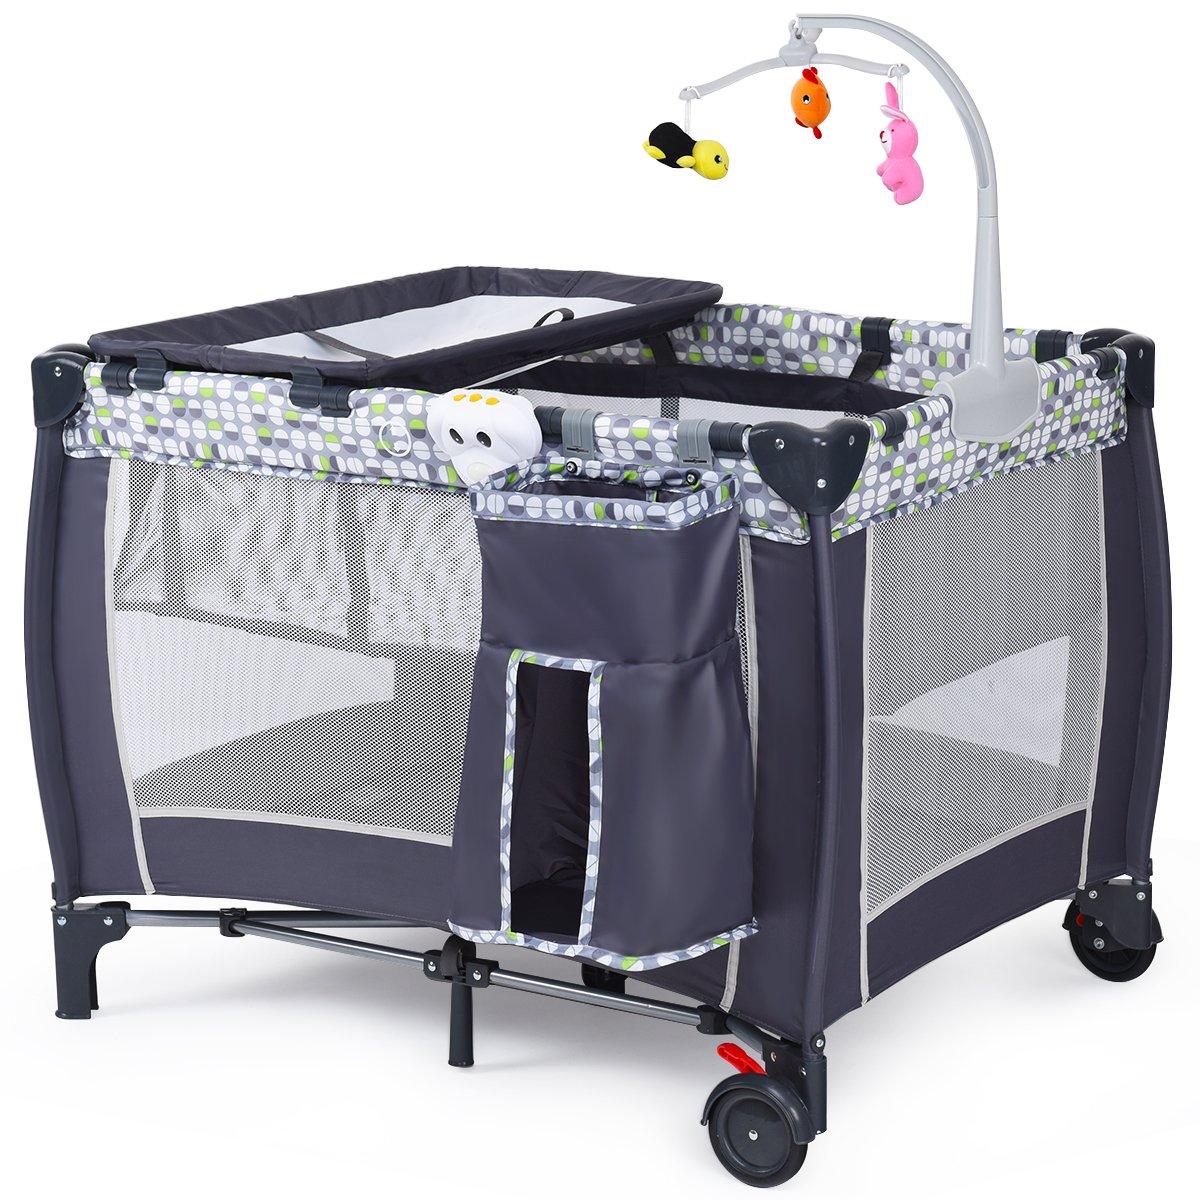 Lit bébé parapluie pliant lit de voyage pour bébé gris muni de crochet de jouets et sac à langer Blitzzauber 24